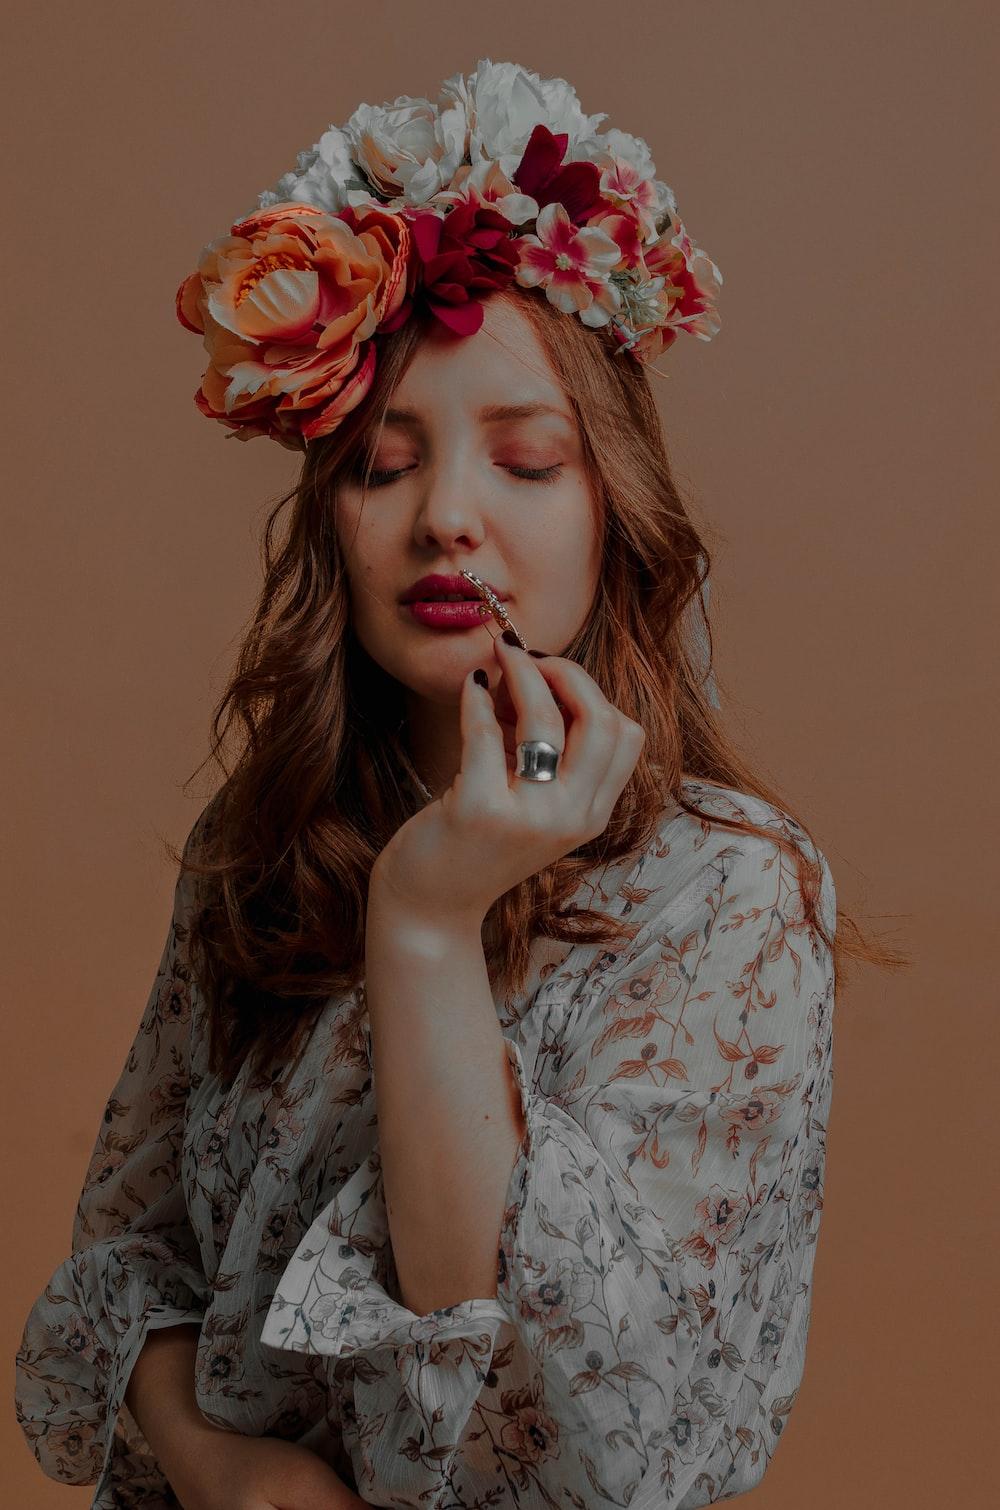 flowers on woman's head